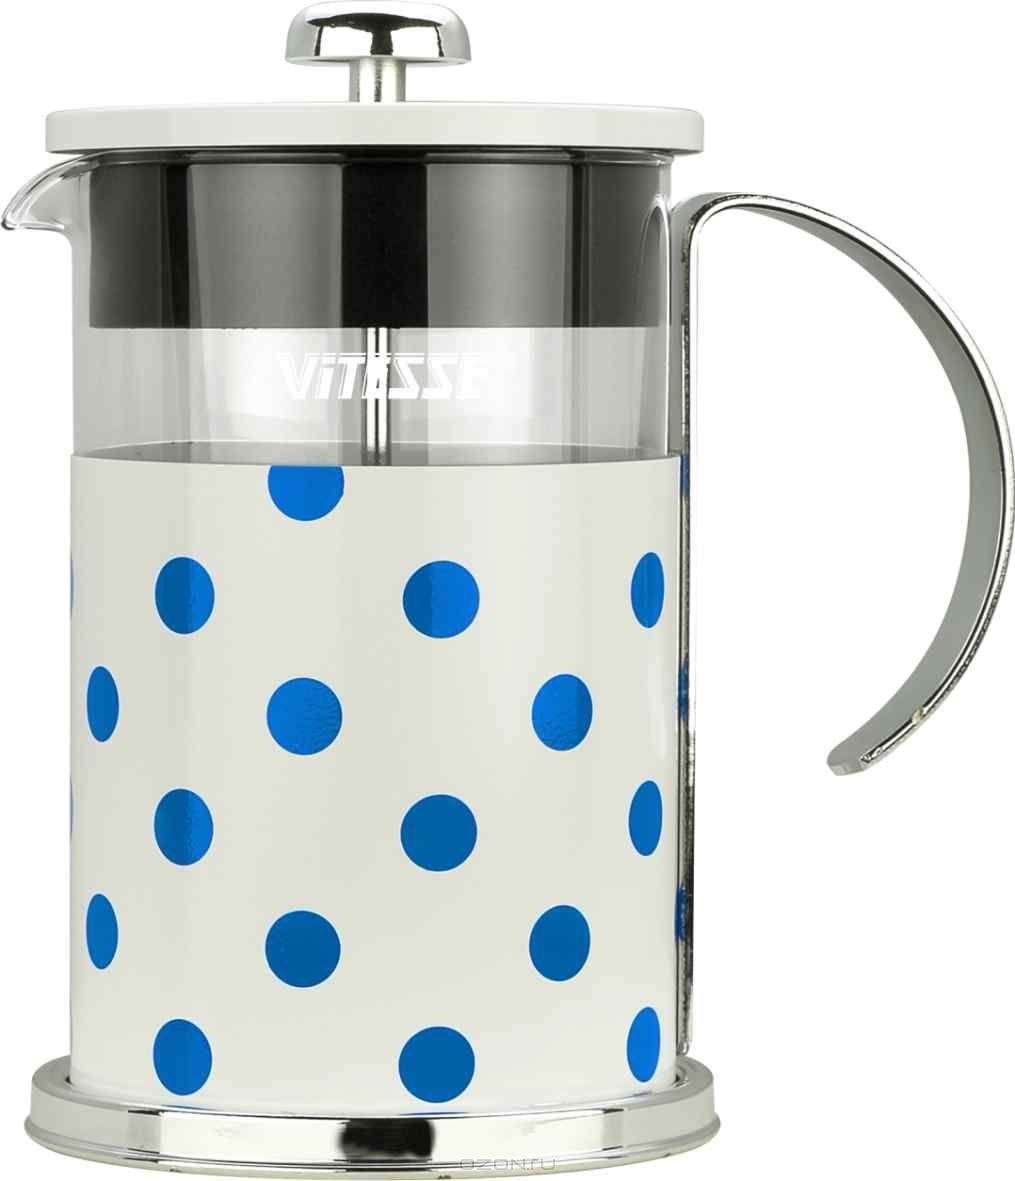 Кофеварка френч-пресс Vitesse, с мерной ложкой, цвет: голубой, 800 мл. VS-2623VS-2623Кофеварка Vitesse с фильтром френч-пресс поможет вам в приготовлении ароматного кофе. Колба френч-пресса Vitesse выполнена из термостойкого стекла, что позволяет наблюдать процесс настаивания и заваривания напитка, а также обеспечивает гигиеничность посуды. Внешний корпус, выполненный из нержавеющей стали с цветным изображением, долговечен, прочен и устойчив к деформации и образованию царапин. Френч-пресс имеет удобную ручку, носик, а так же мерную ложку, выполненную из пластика. Кофеварки предназначены для приготовления кофе методом настаивания и отжима. Вы также можете использовать френч-пресс для заваривания чая и различных трав. Уникальный дизайн полностью соответствует последним модным тенденциям в создании предметов бытовой техники. Можно использовать в посудомоечной машине. Высота кофеварки (без учета крышки): 16 см. Размер кофеварки (с учетом крышки и ручки): 18,5 см х 17 см х 11,2 см. Диаметр основания: 11,2 см. Диаметр по верхнему...